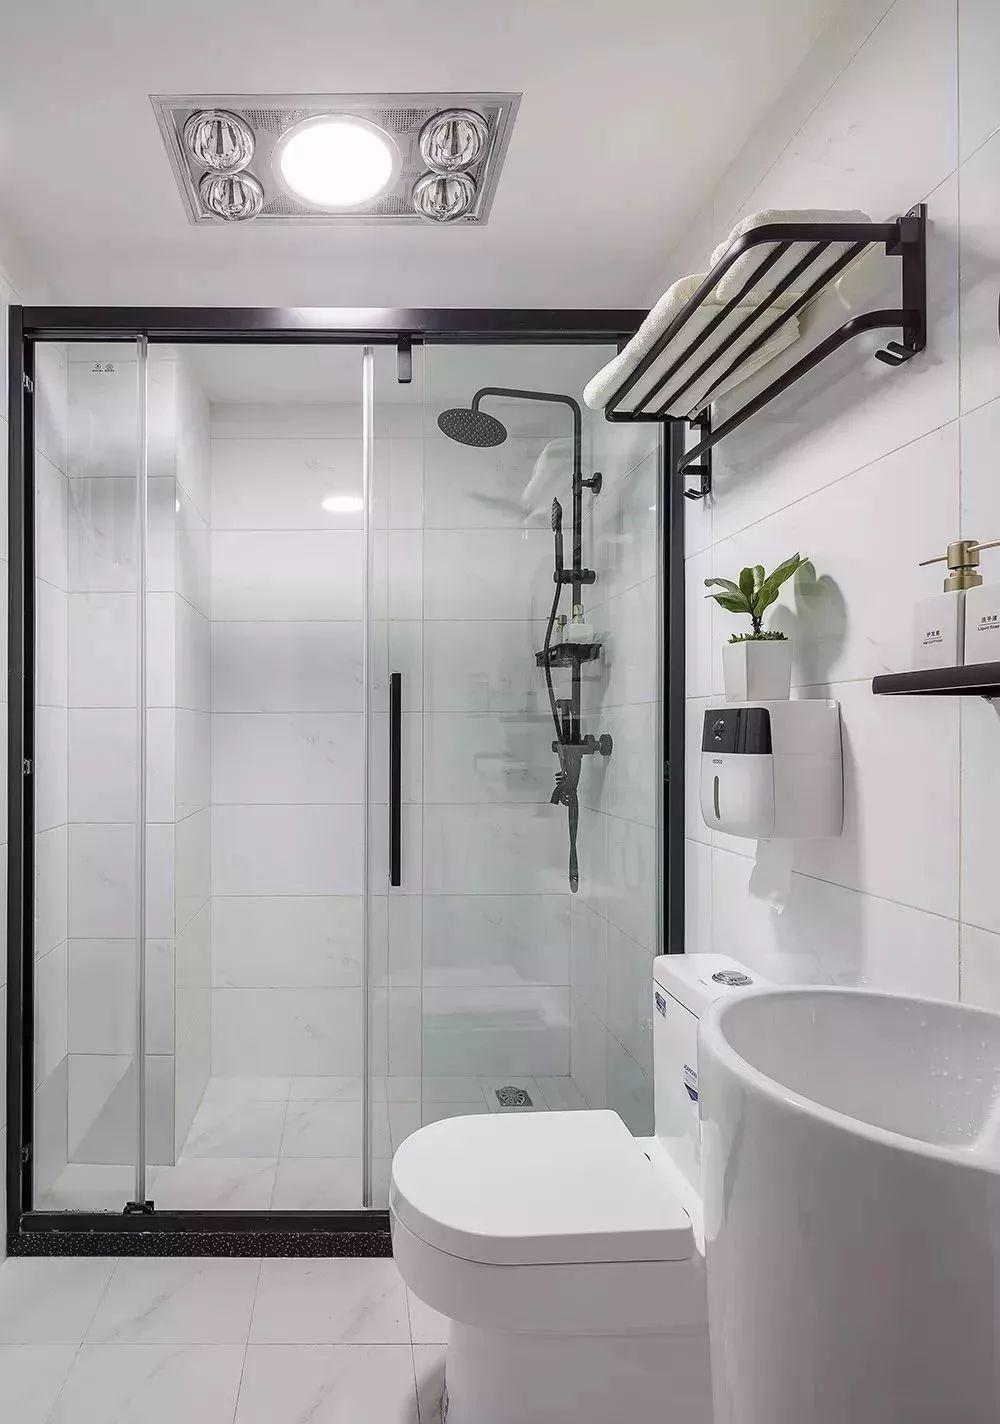 10最后看看卫生间,卫生间在玄关处,里面布置的简单整洁,淋浴区用玻璃隔开,还特意设计成推拉门,马桶上方、洗手台上方、淋浴区都在墙上做了收纳。.jpg